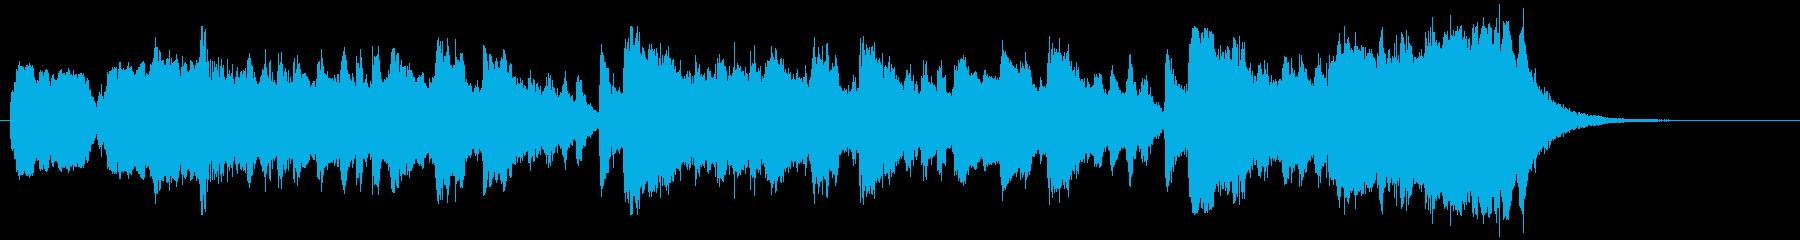 吹奏楽の和風で壮大な30秒ファンファーレの再生済みの波形